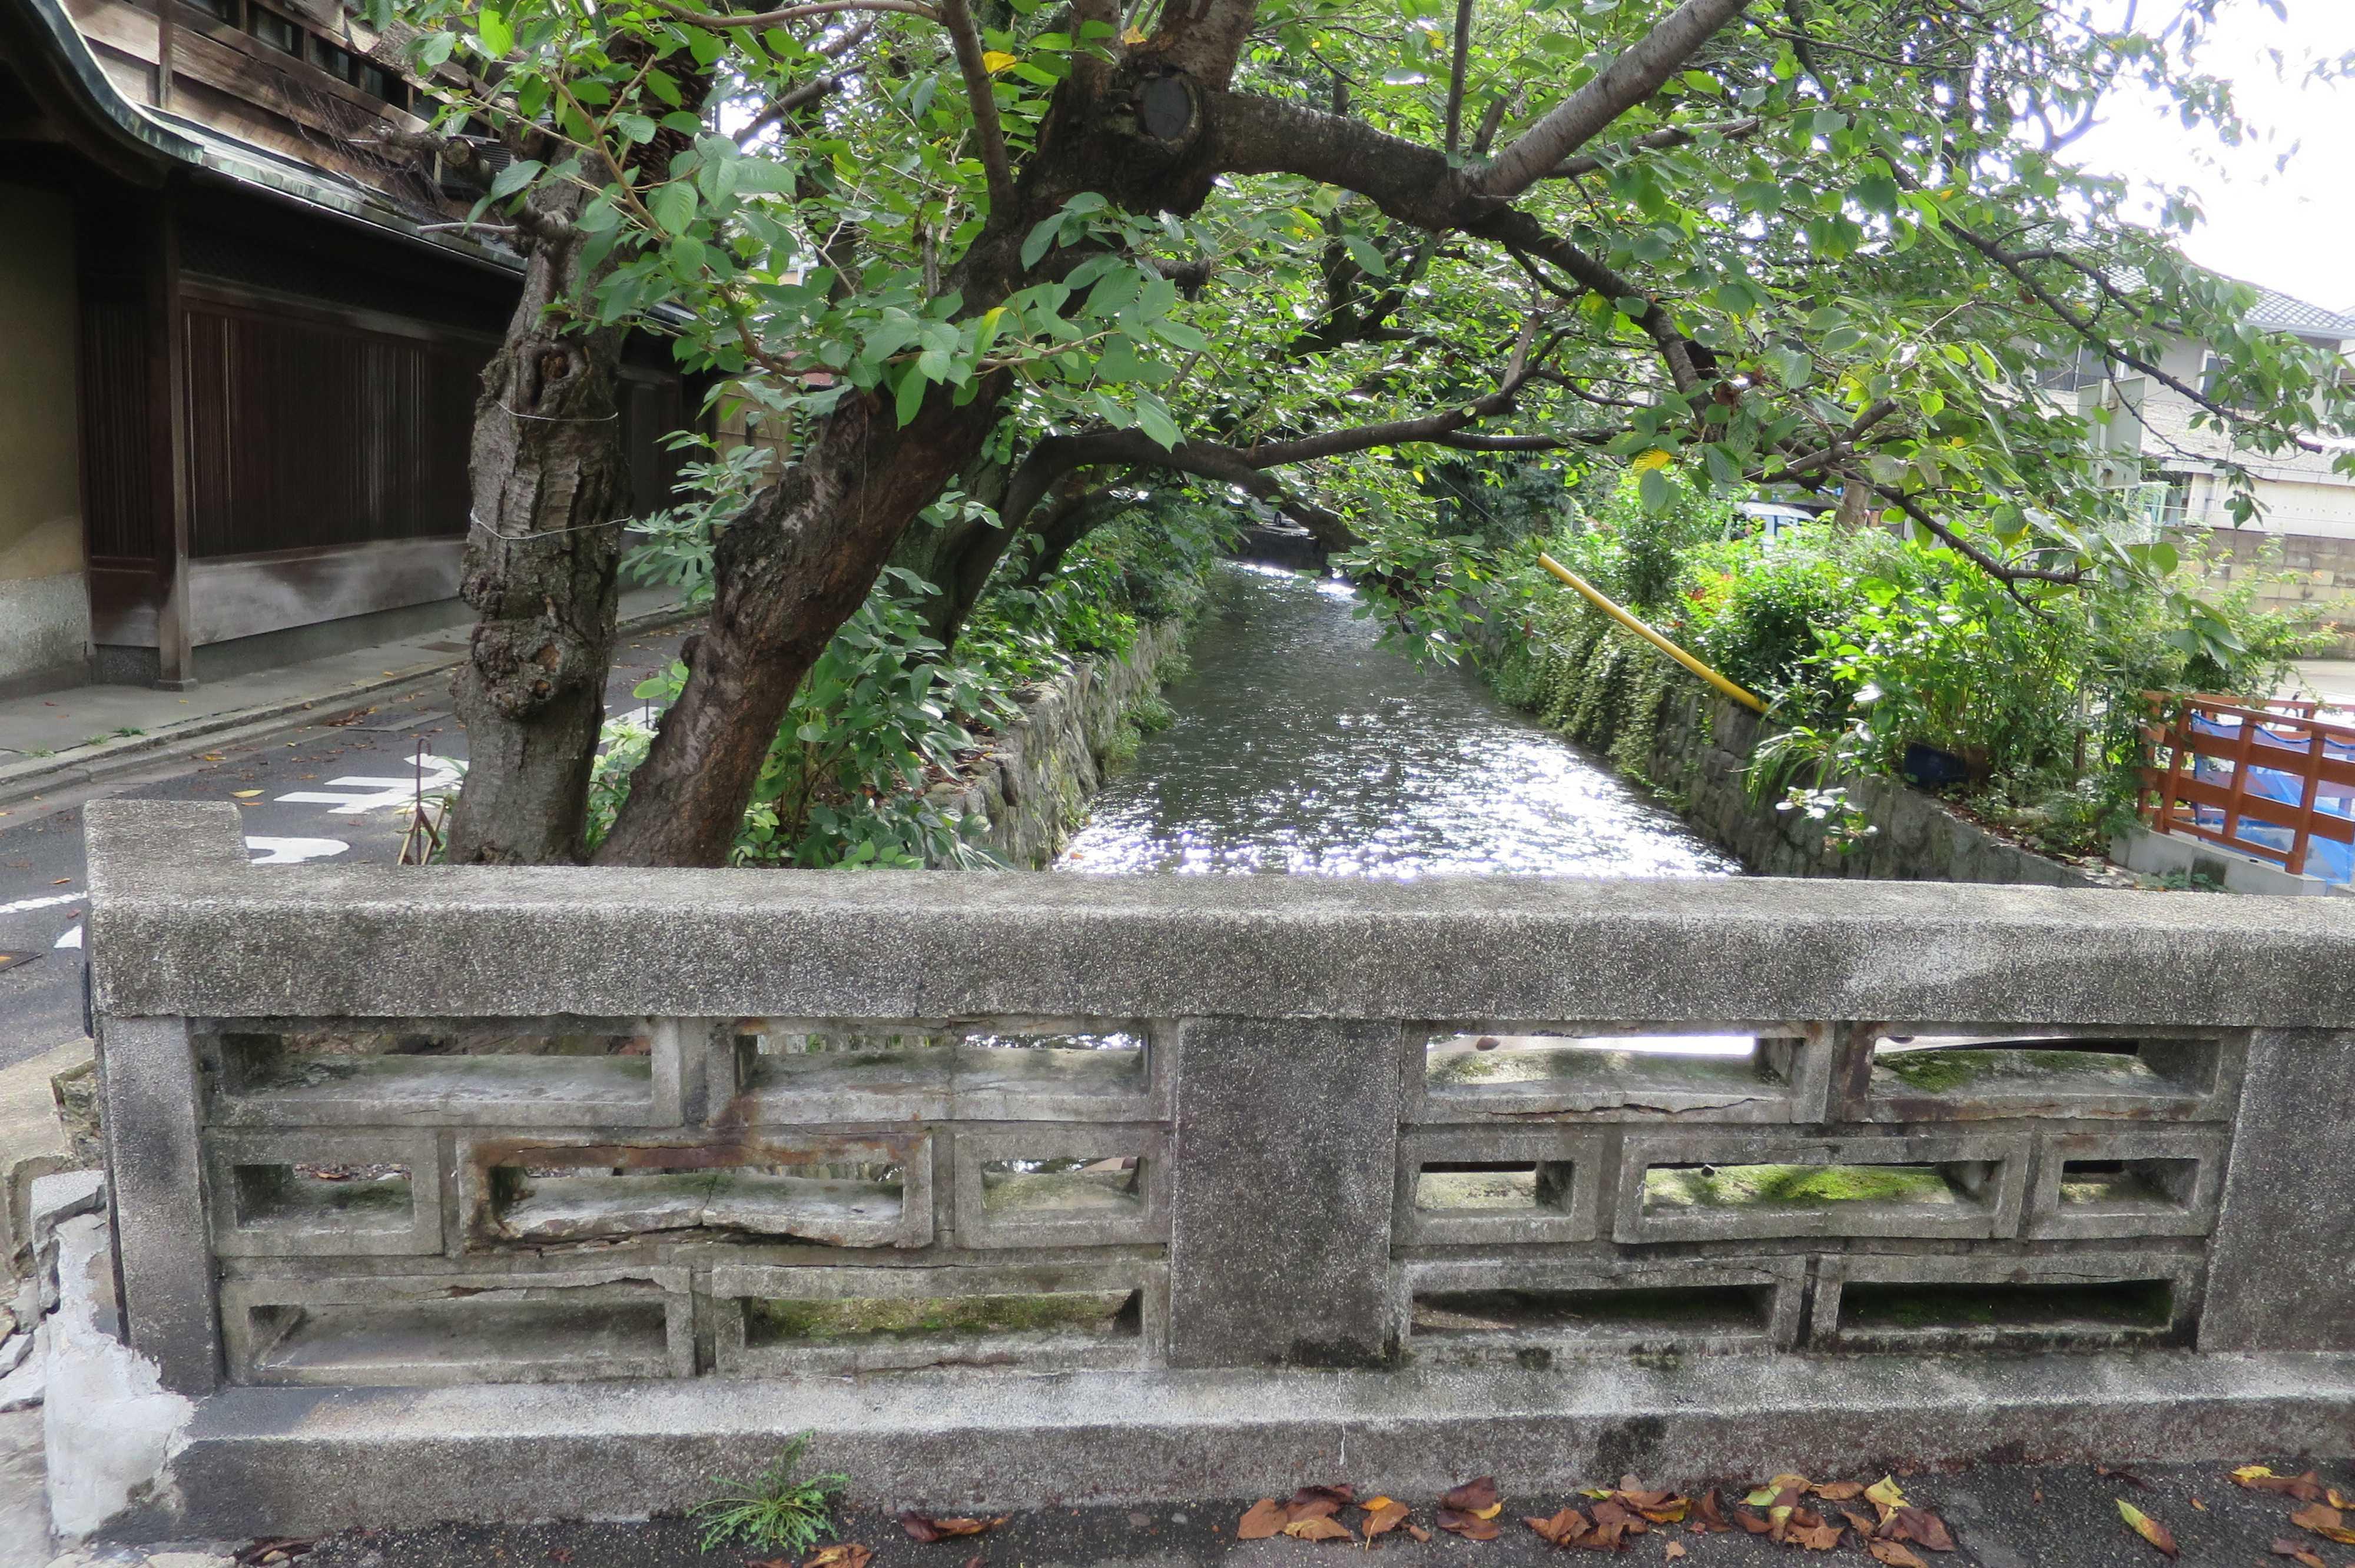 京都・五条楽園 - 六軒橋の欄干